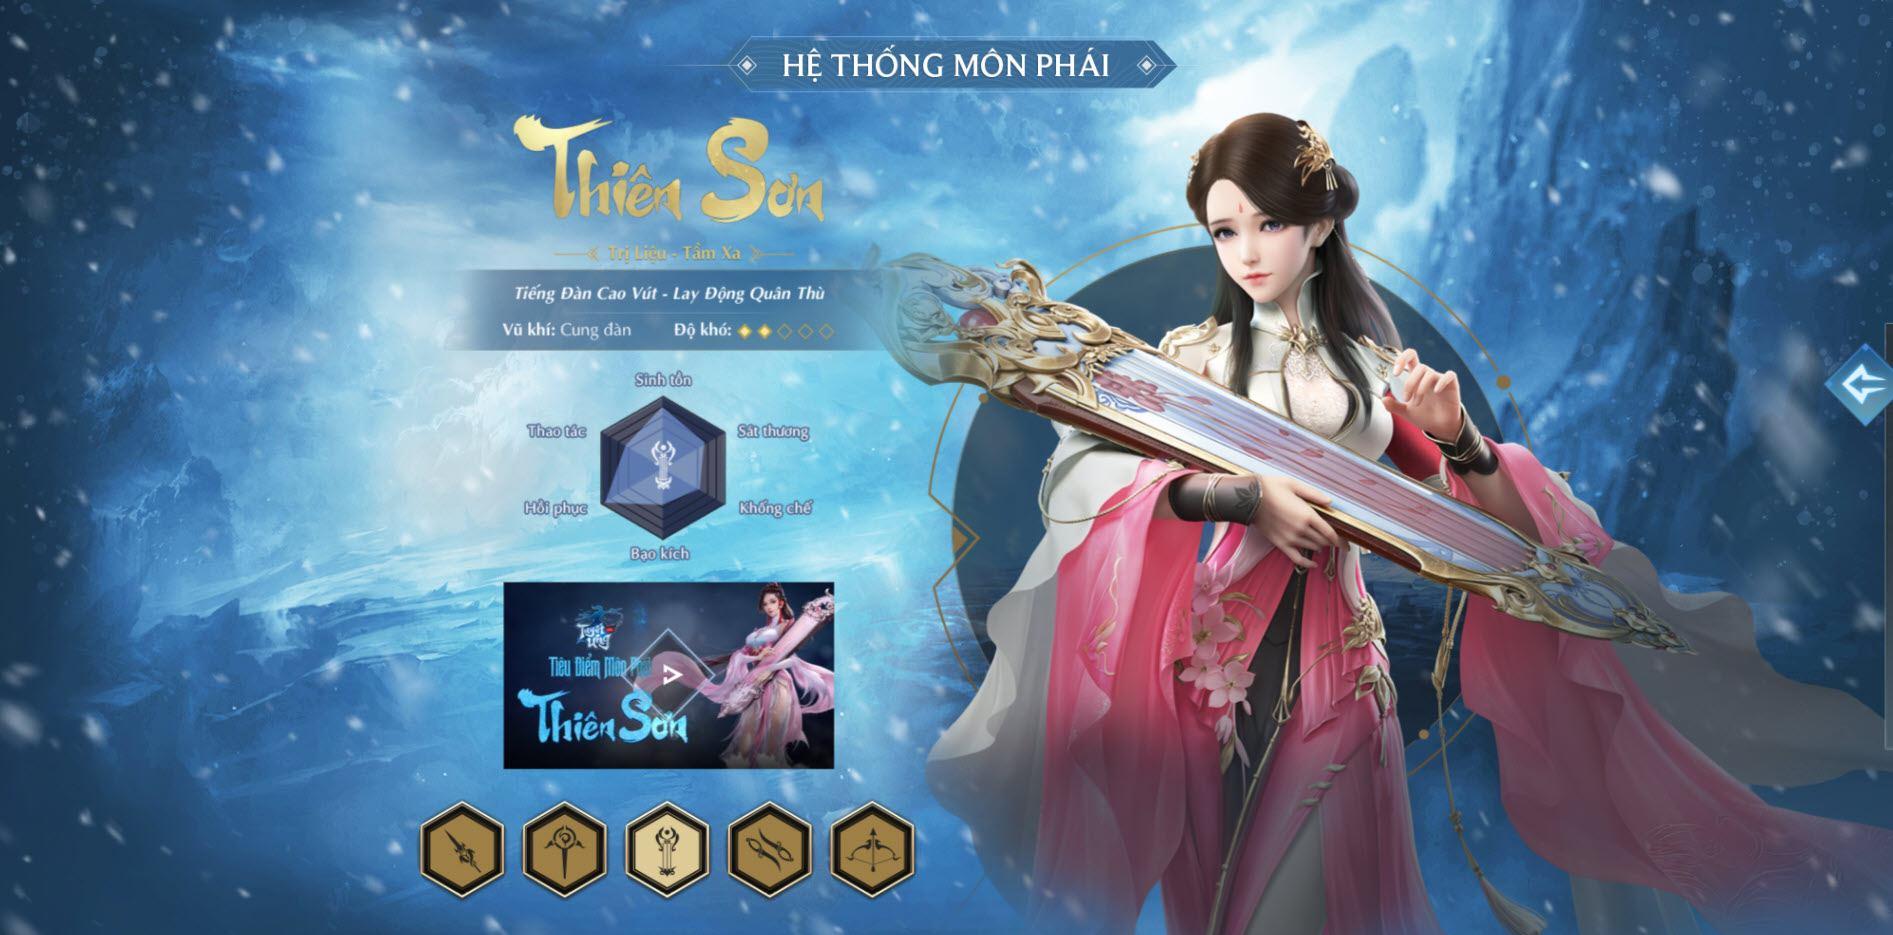 Tuyết Ưng VNG: Lựa chọn môn phái nào khi bắt đầu chơi?